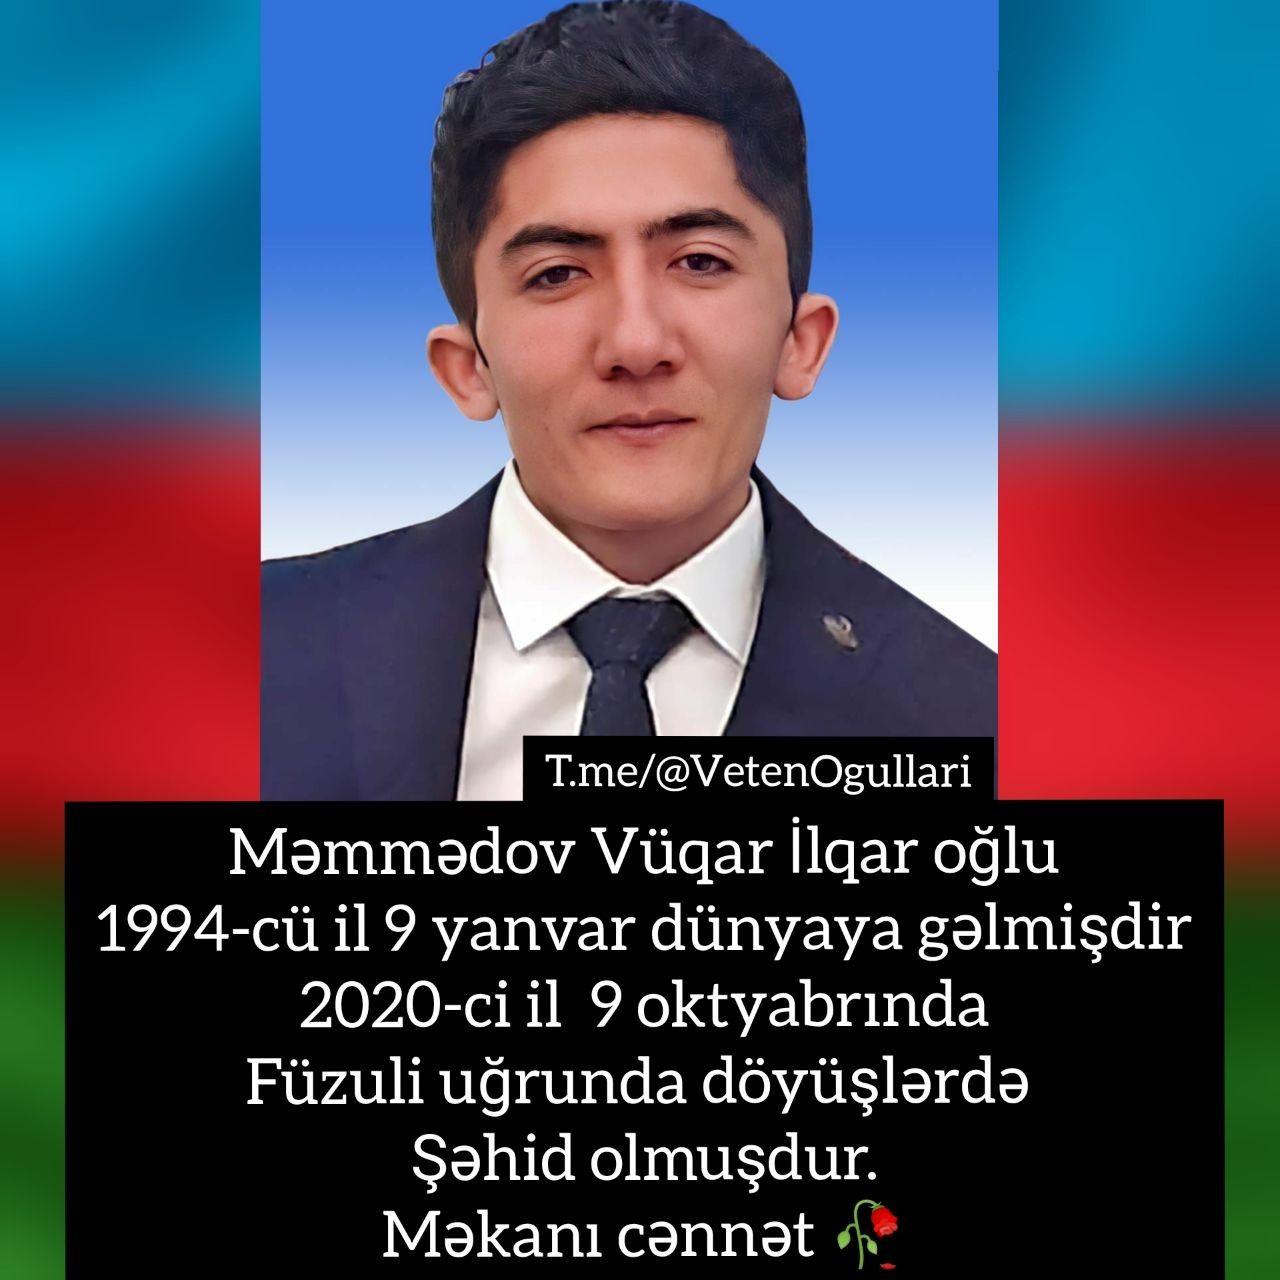 Səhid Məmmədov Vuqar Ruhun Sad Olsun Səhidim Azerbaijan